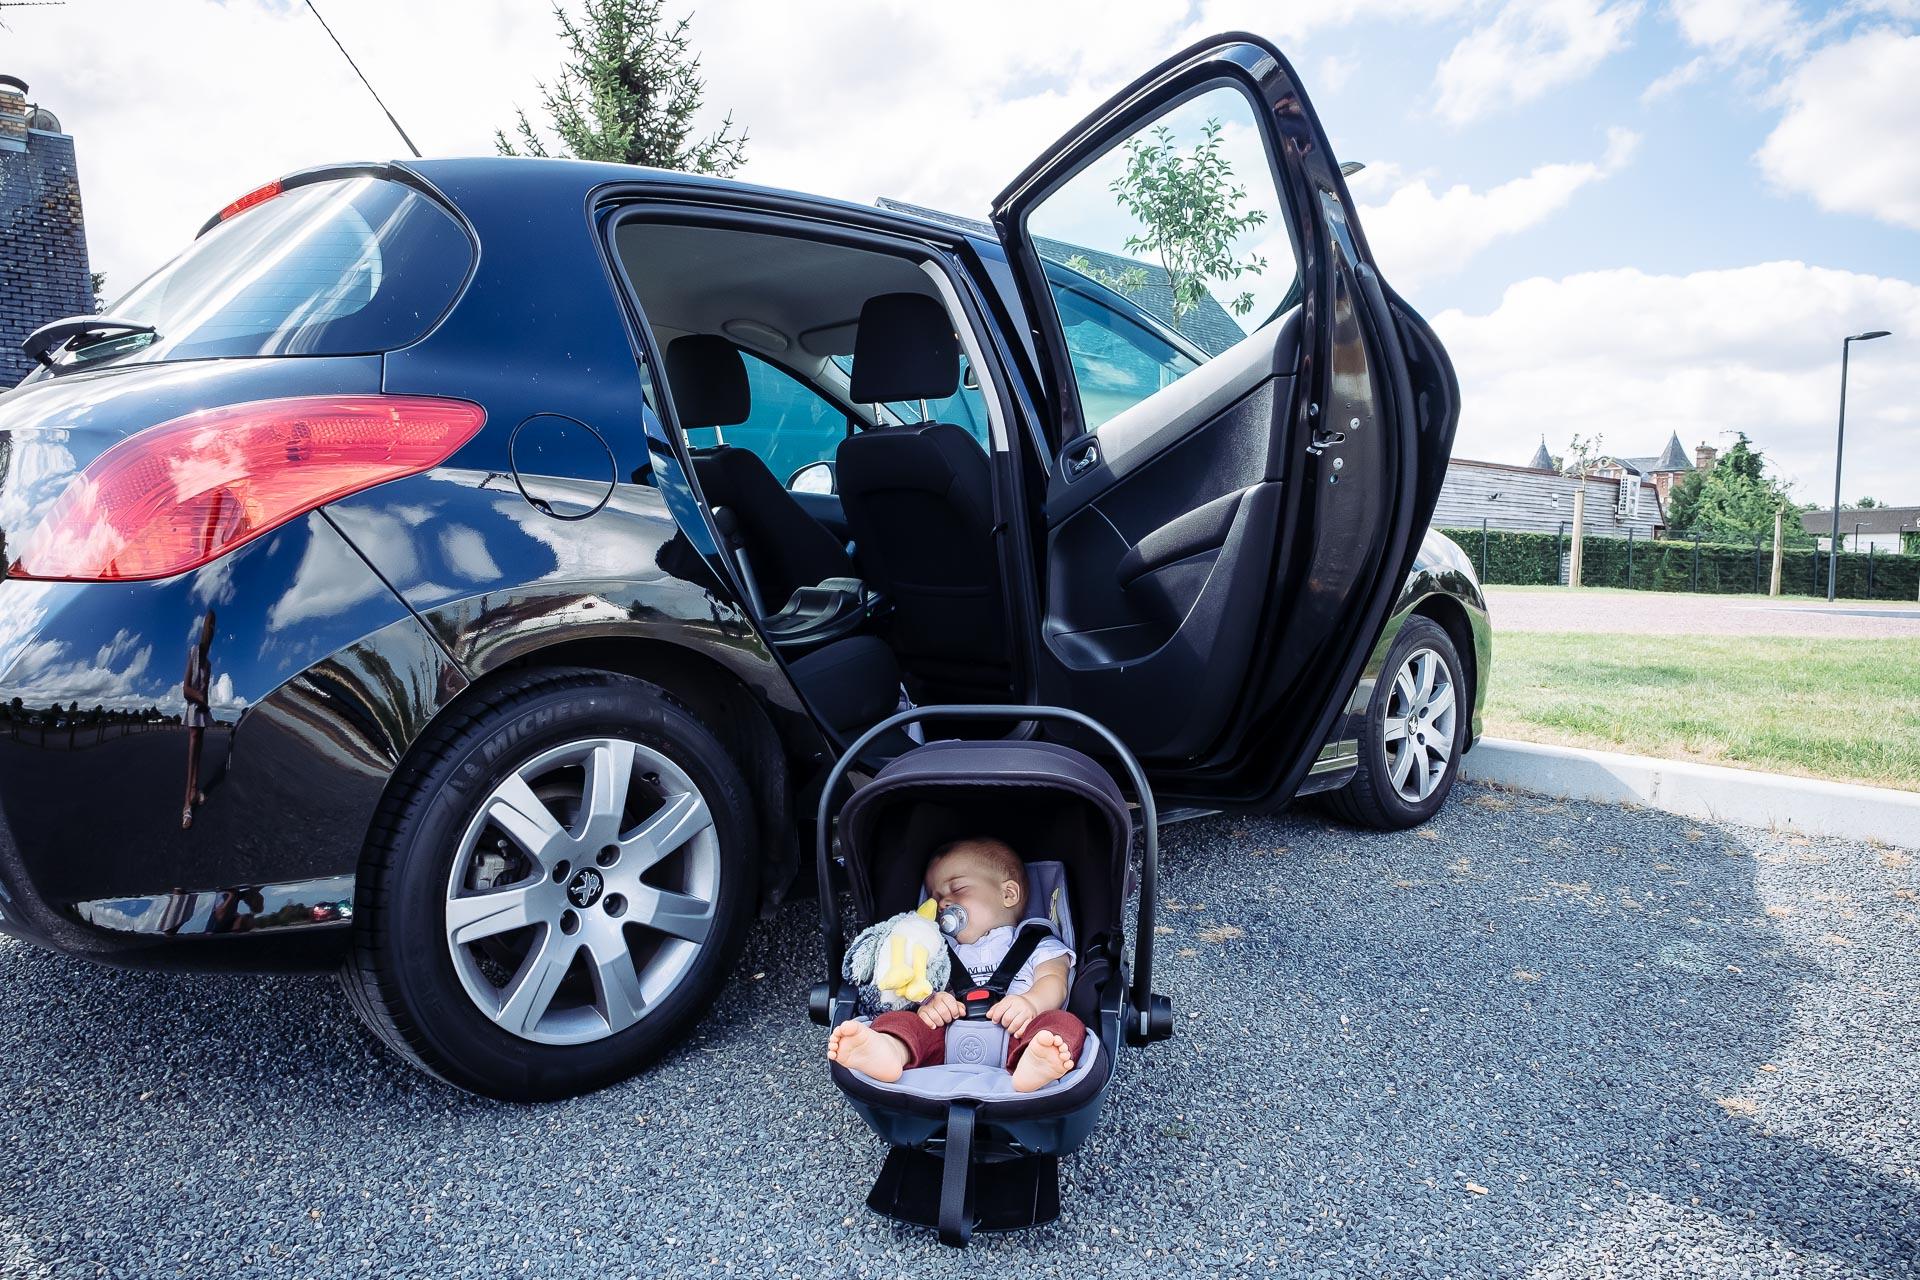 Conseils pour réussir votre road trip avec bébé